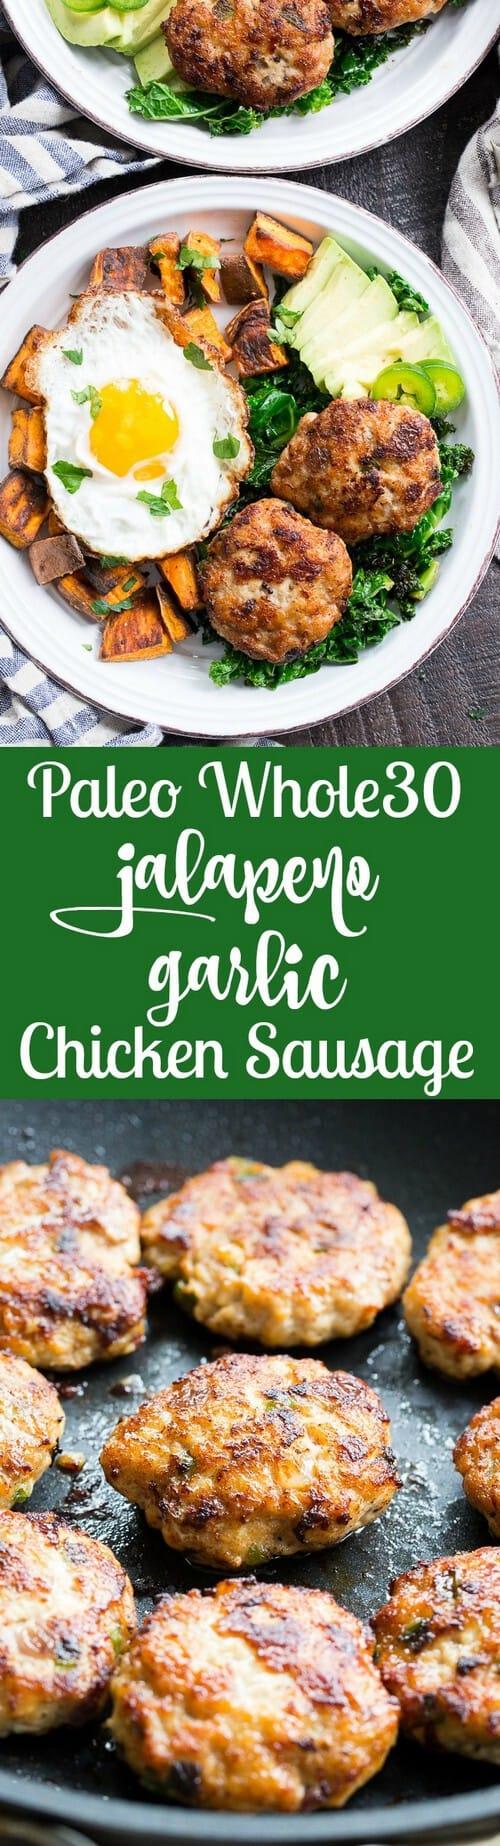 Whole30 Garlic Jalapeno Chicken Sausage Patties